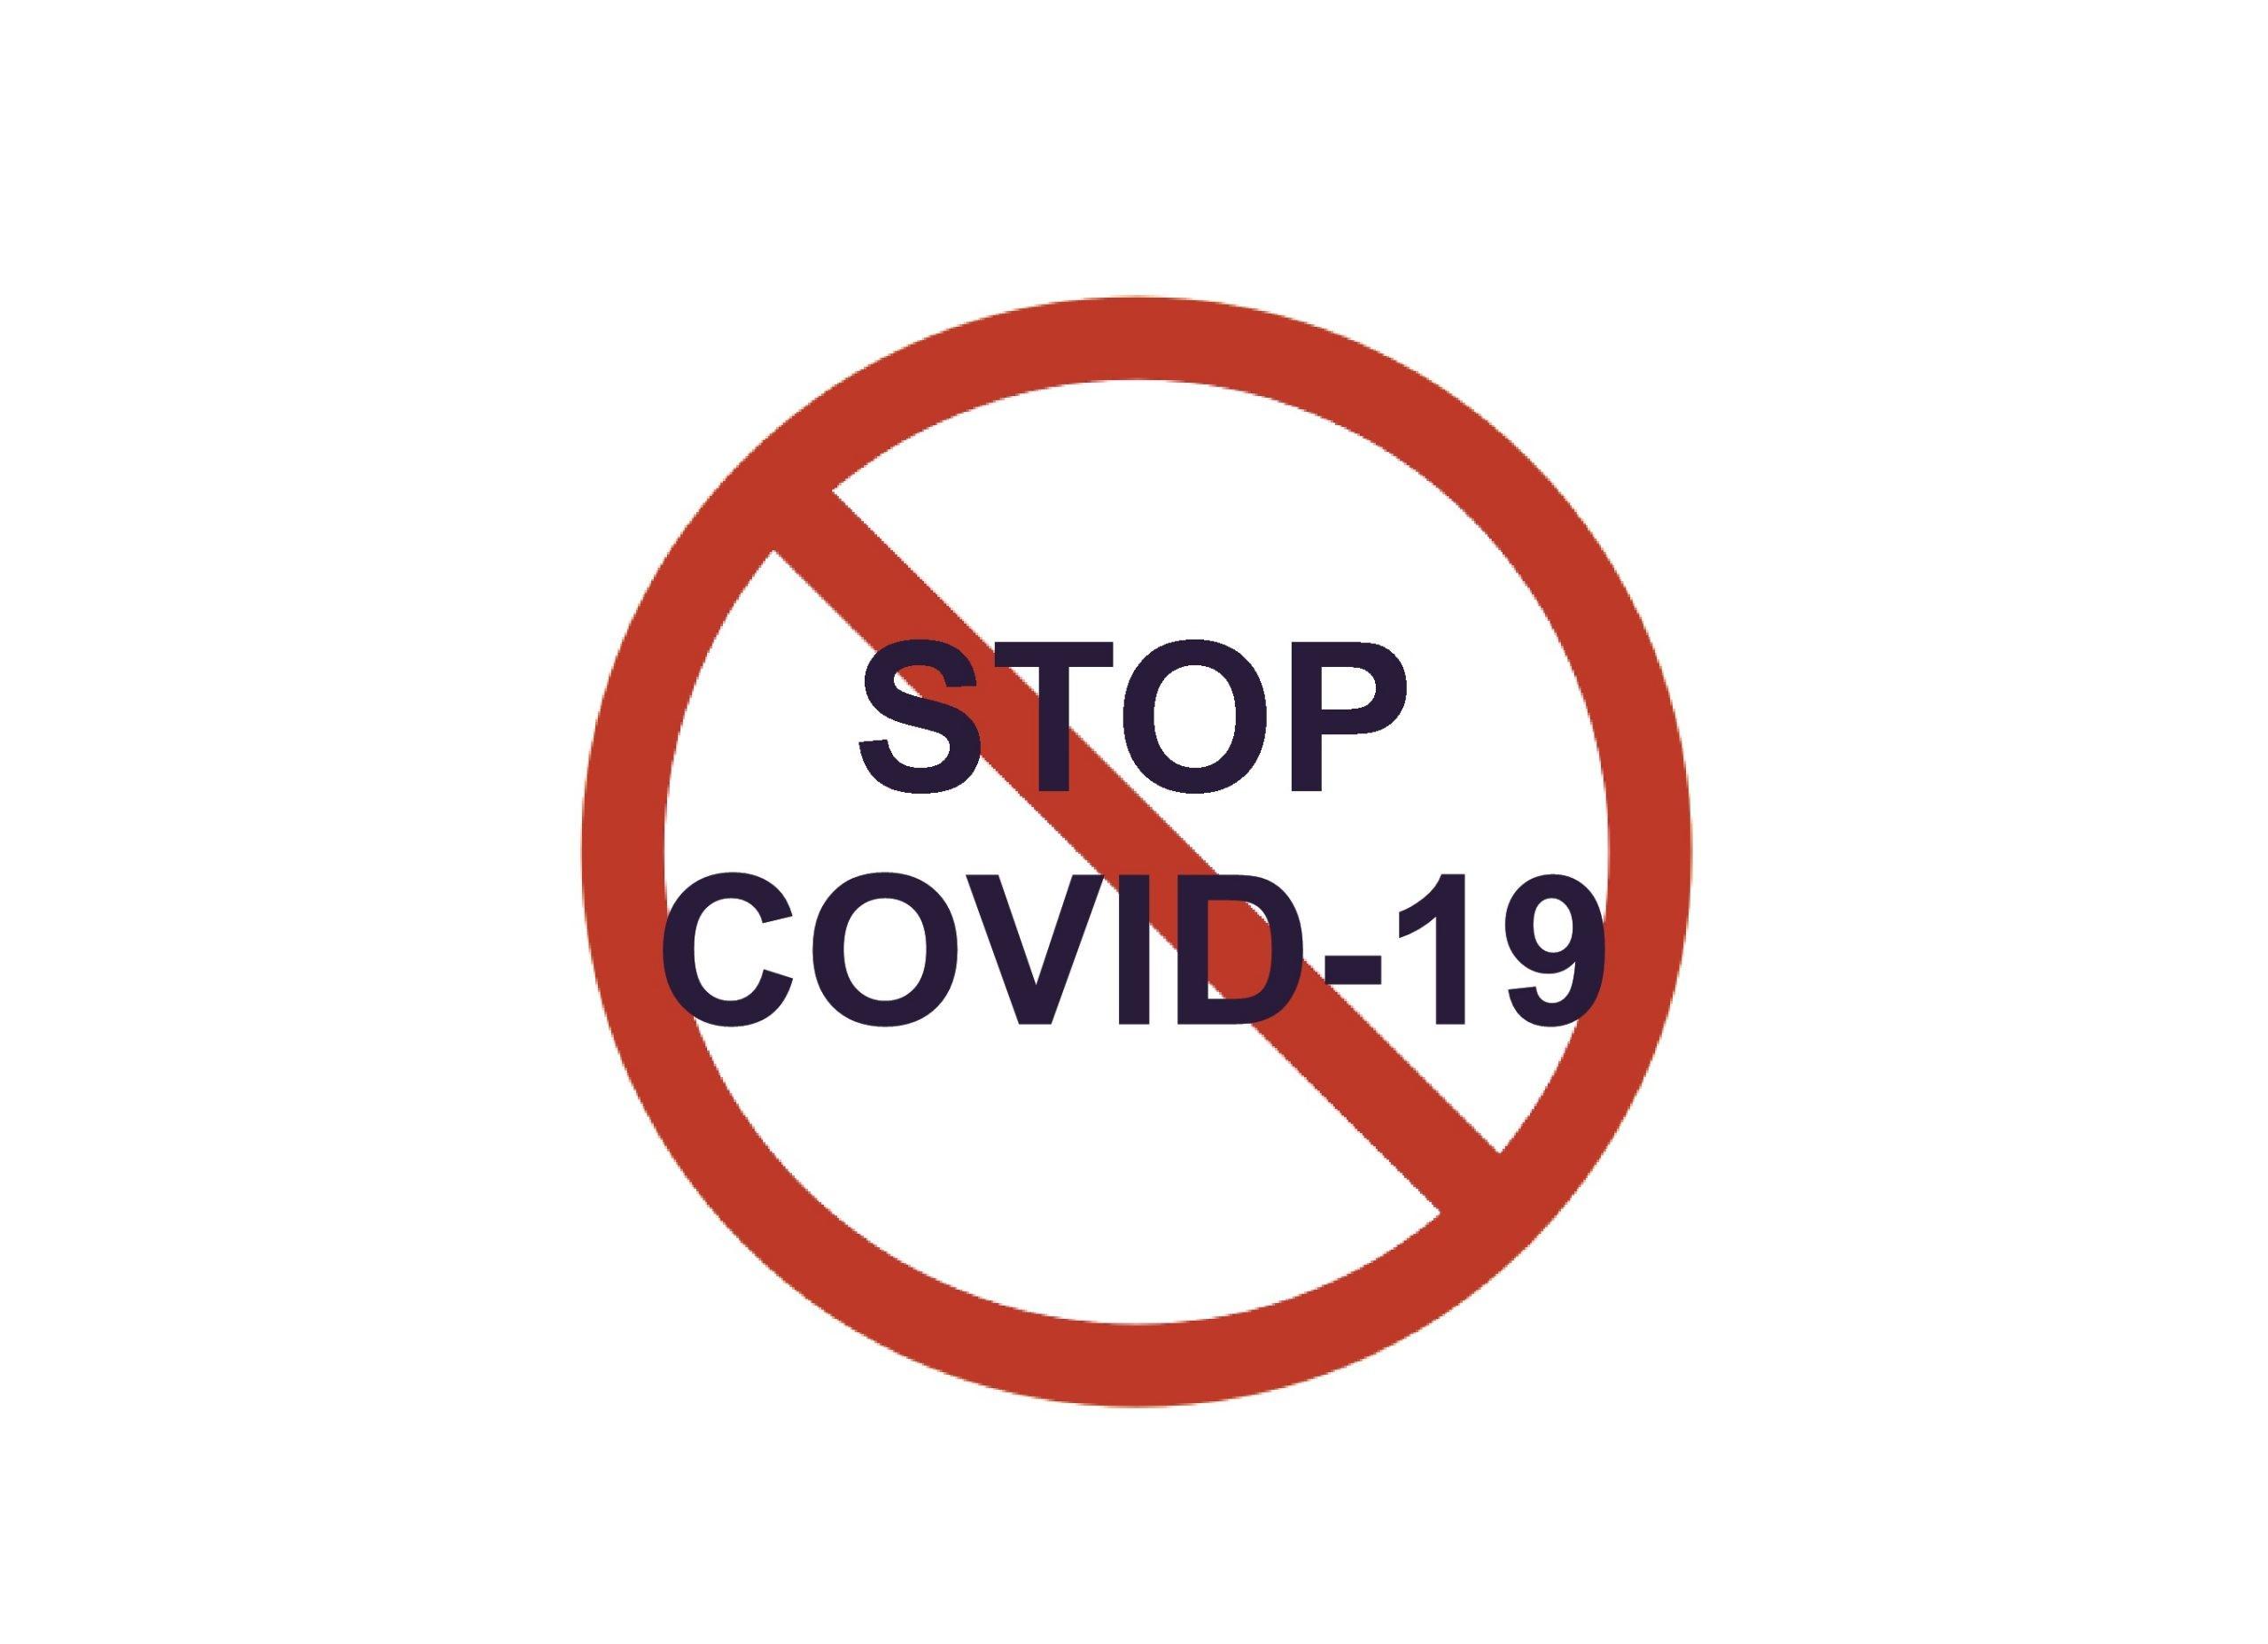 Мы не снижаем темпов, несмотря на COVID-19